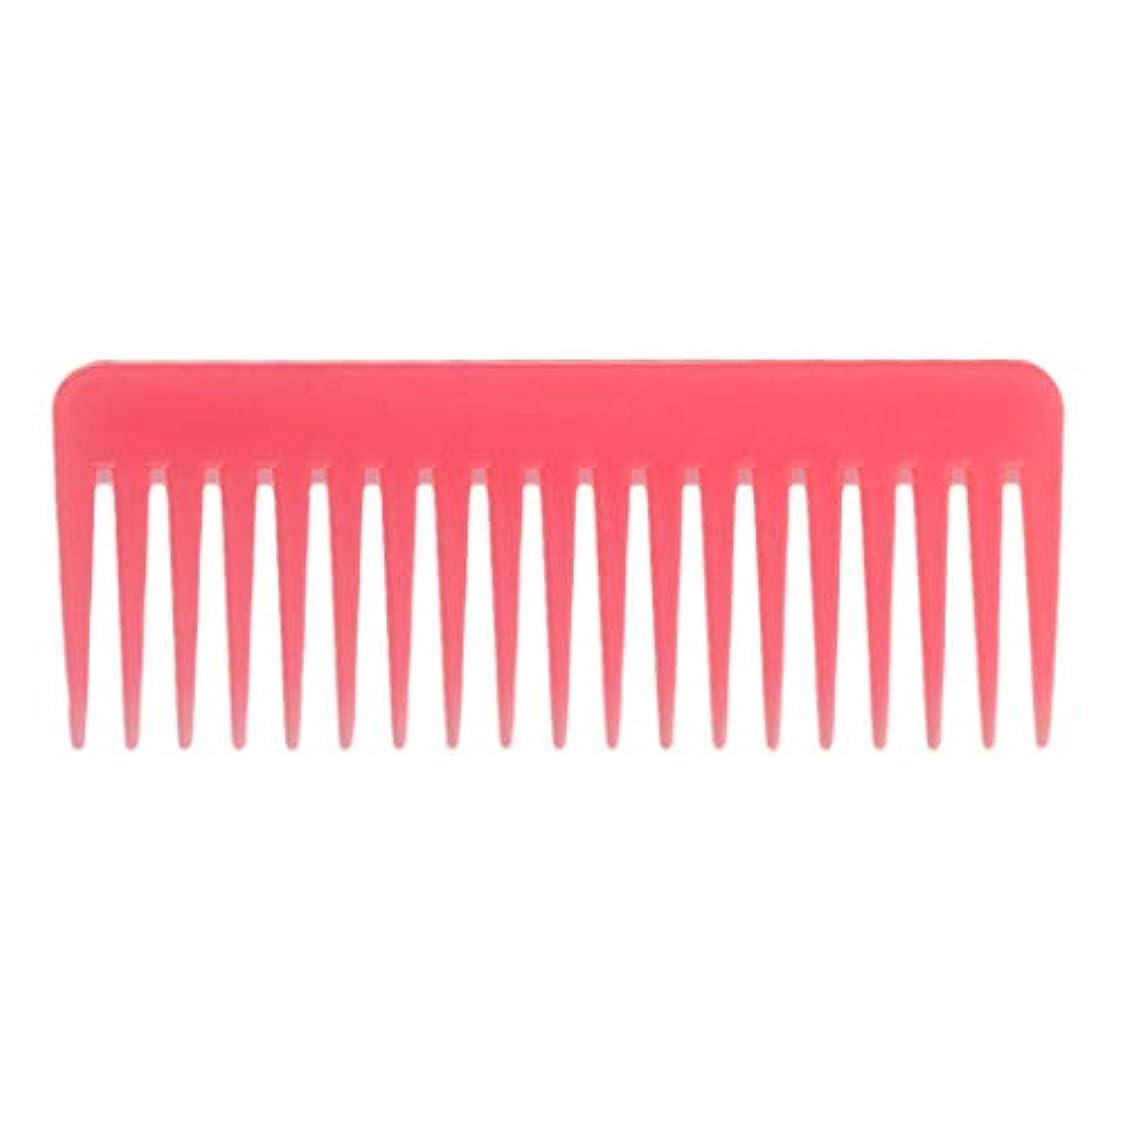 株式枯渇凍結Toygogo 巻き毛の太い髪用の広い歯のもつれのくしサロンシャンプーヘアブラシくし、6.1 ' - ピンク